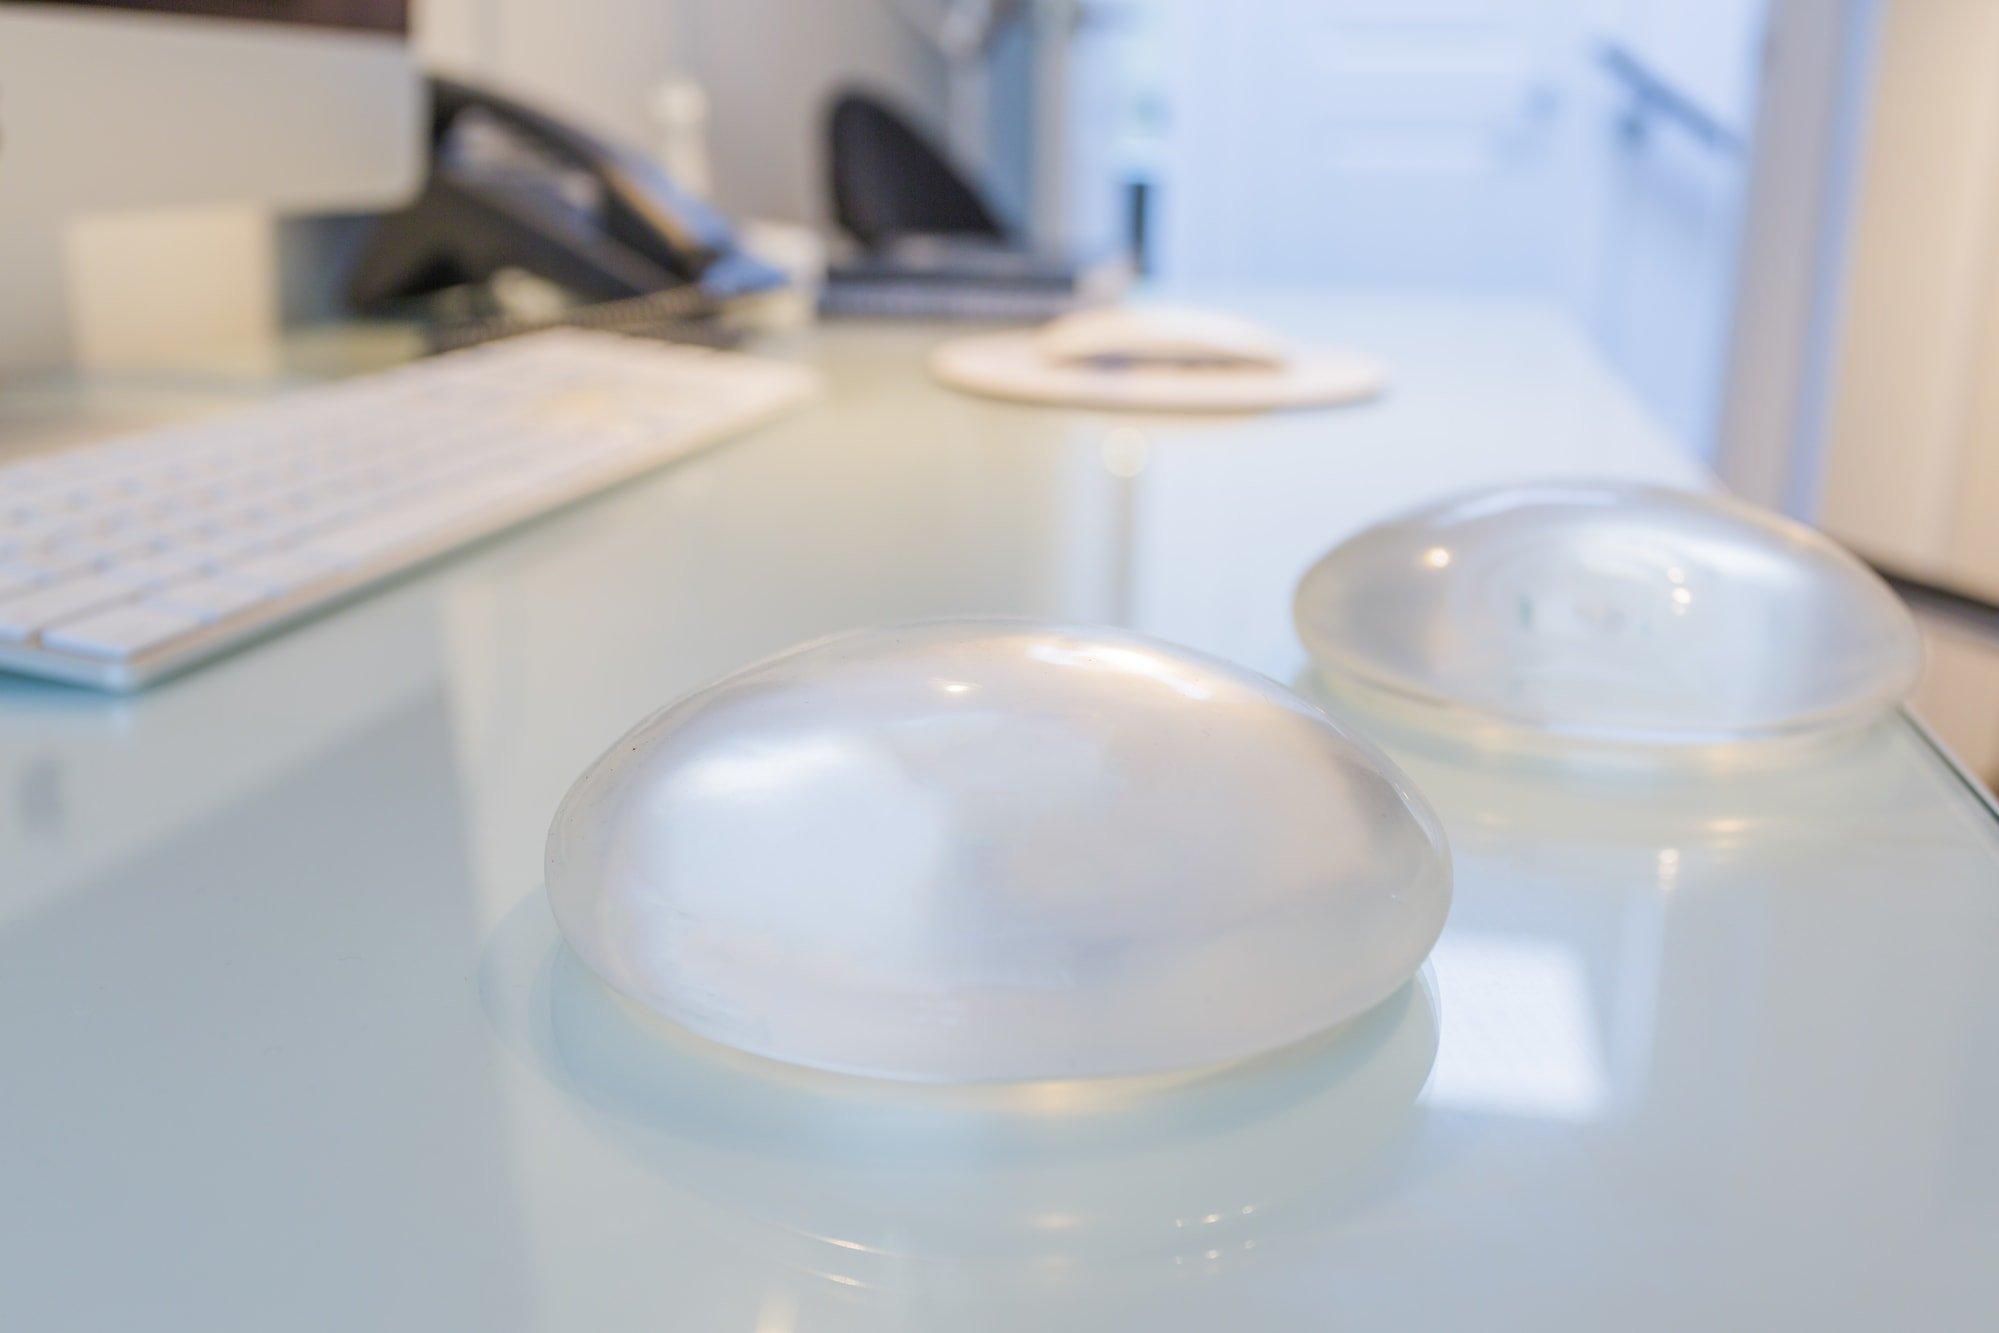 breast implants lymphoma грудные импланты рак лимфома